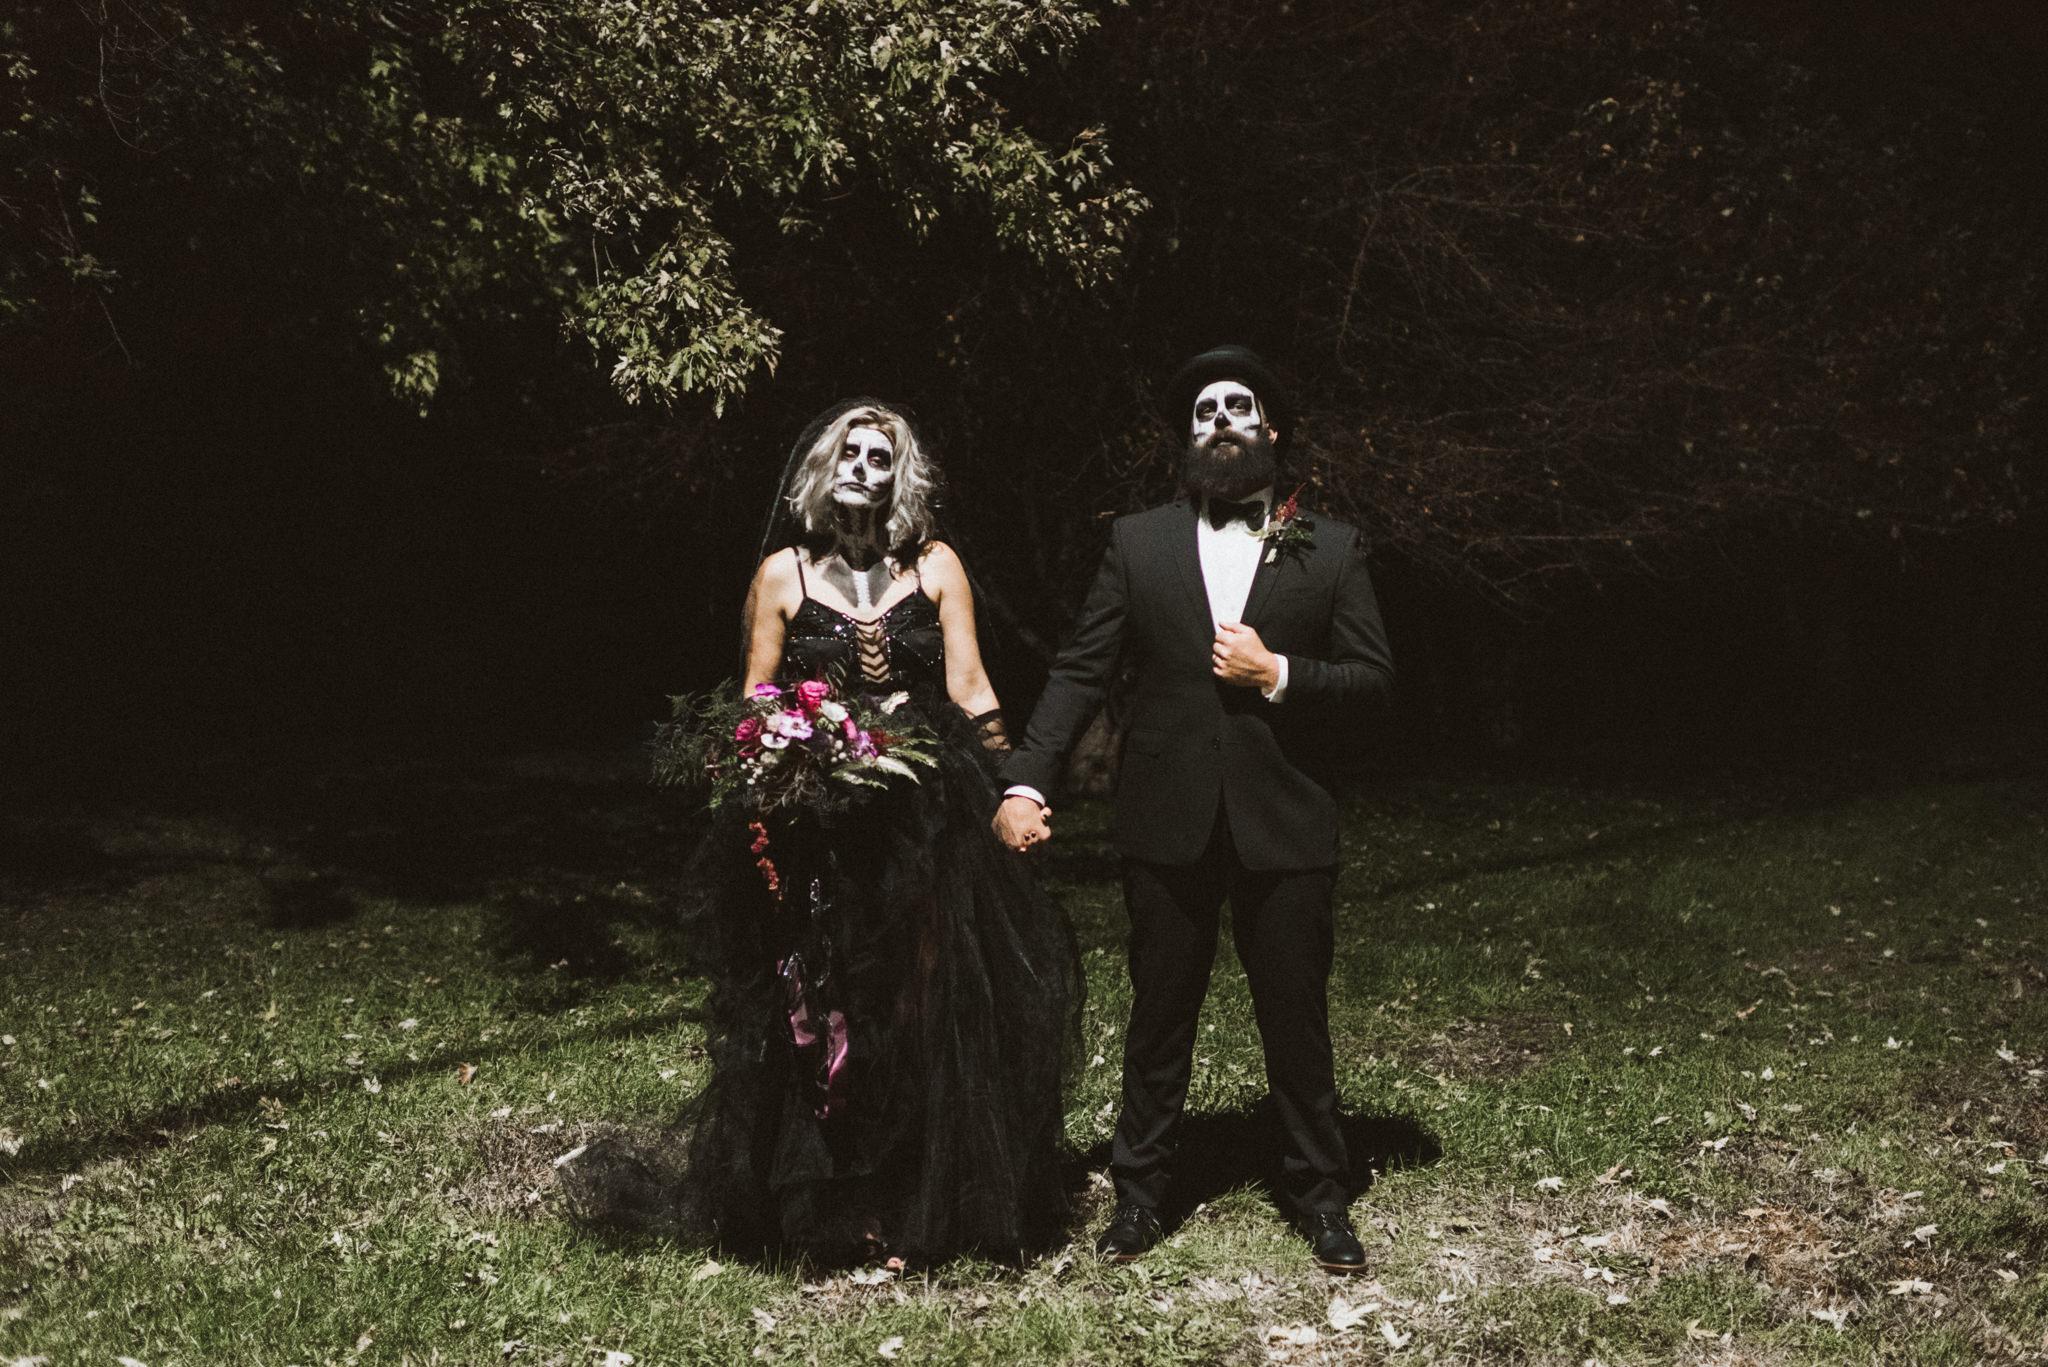 Couple's Classy Skeleton Halloween Costume 2018